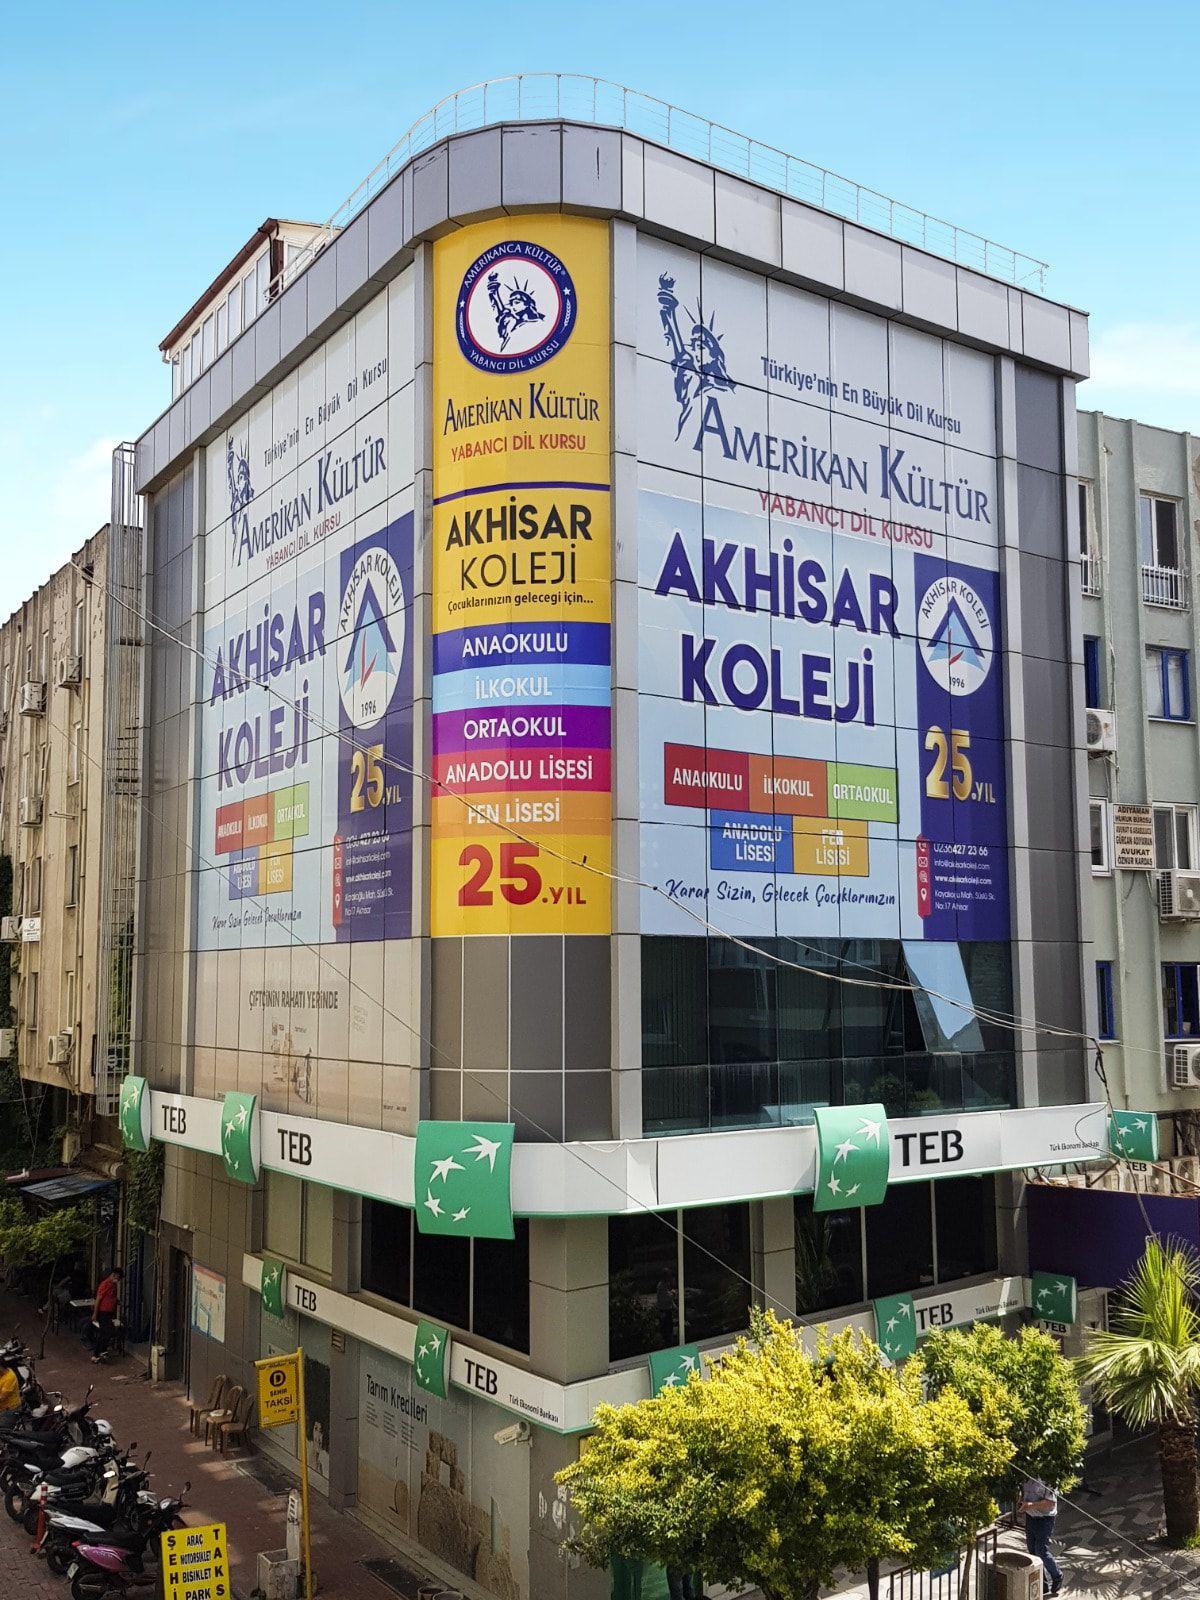 akhisar-(4)-173.jpg